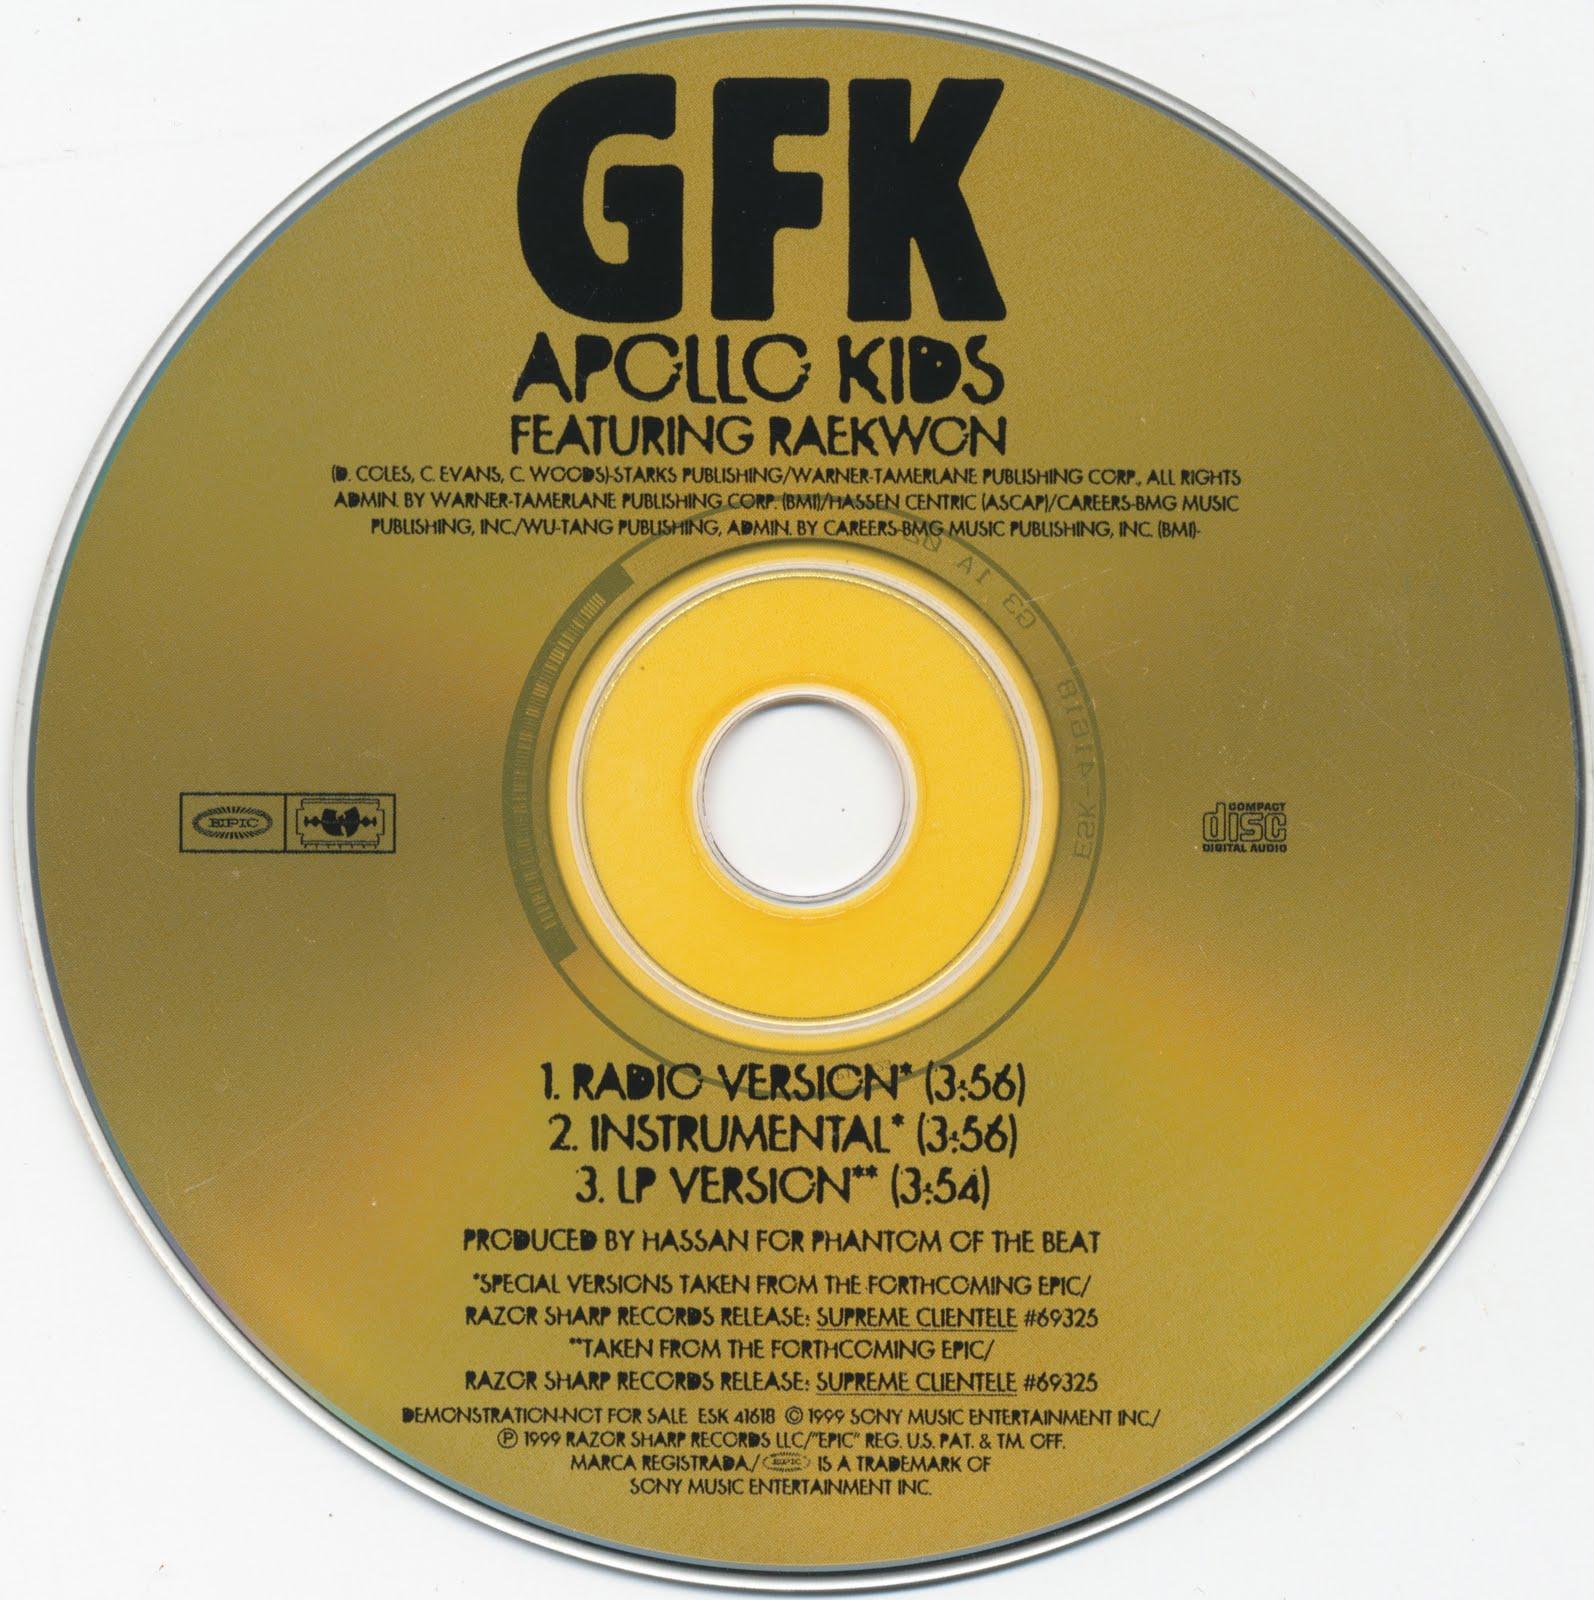 http://1.bp.blogspot.com/-QzKcBLhhQtg/Tpb5FpJmeLI/AAAAAAAAEgk/8qizw9QgnZQ/s1600/Ghostface%2B-%2BApollo%2BKids%2B%255BCDS%255D.jpeg